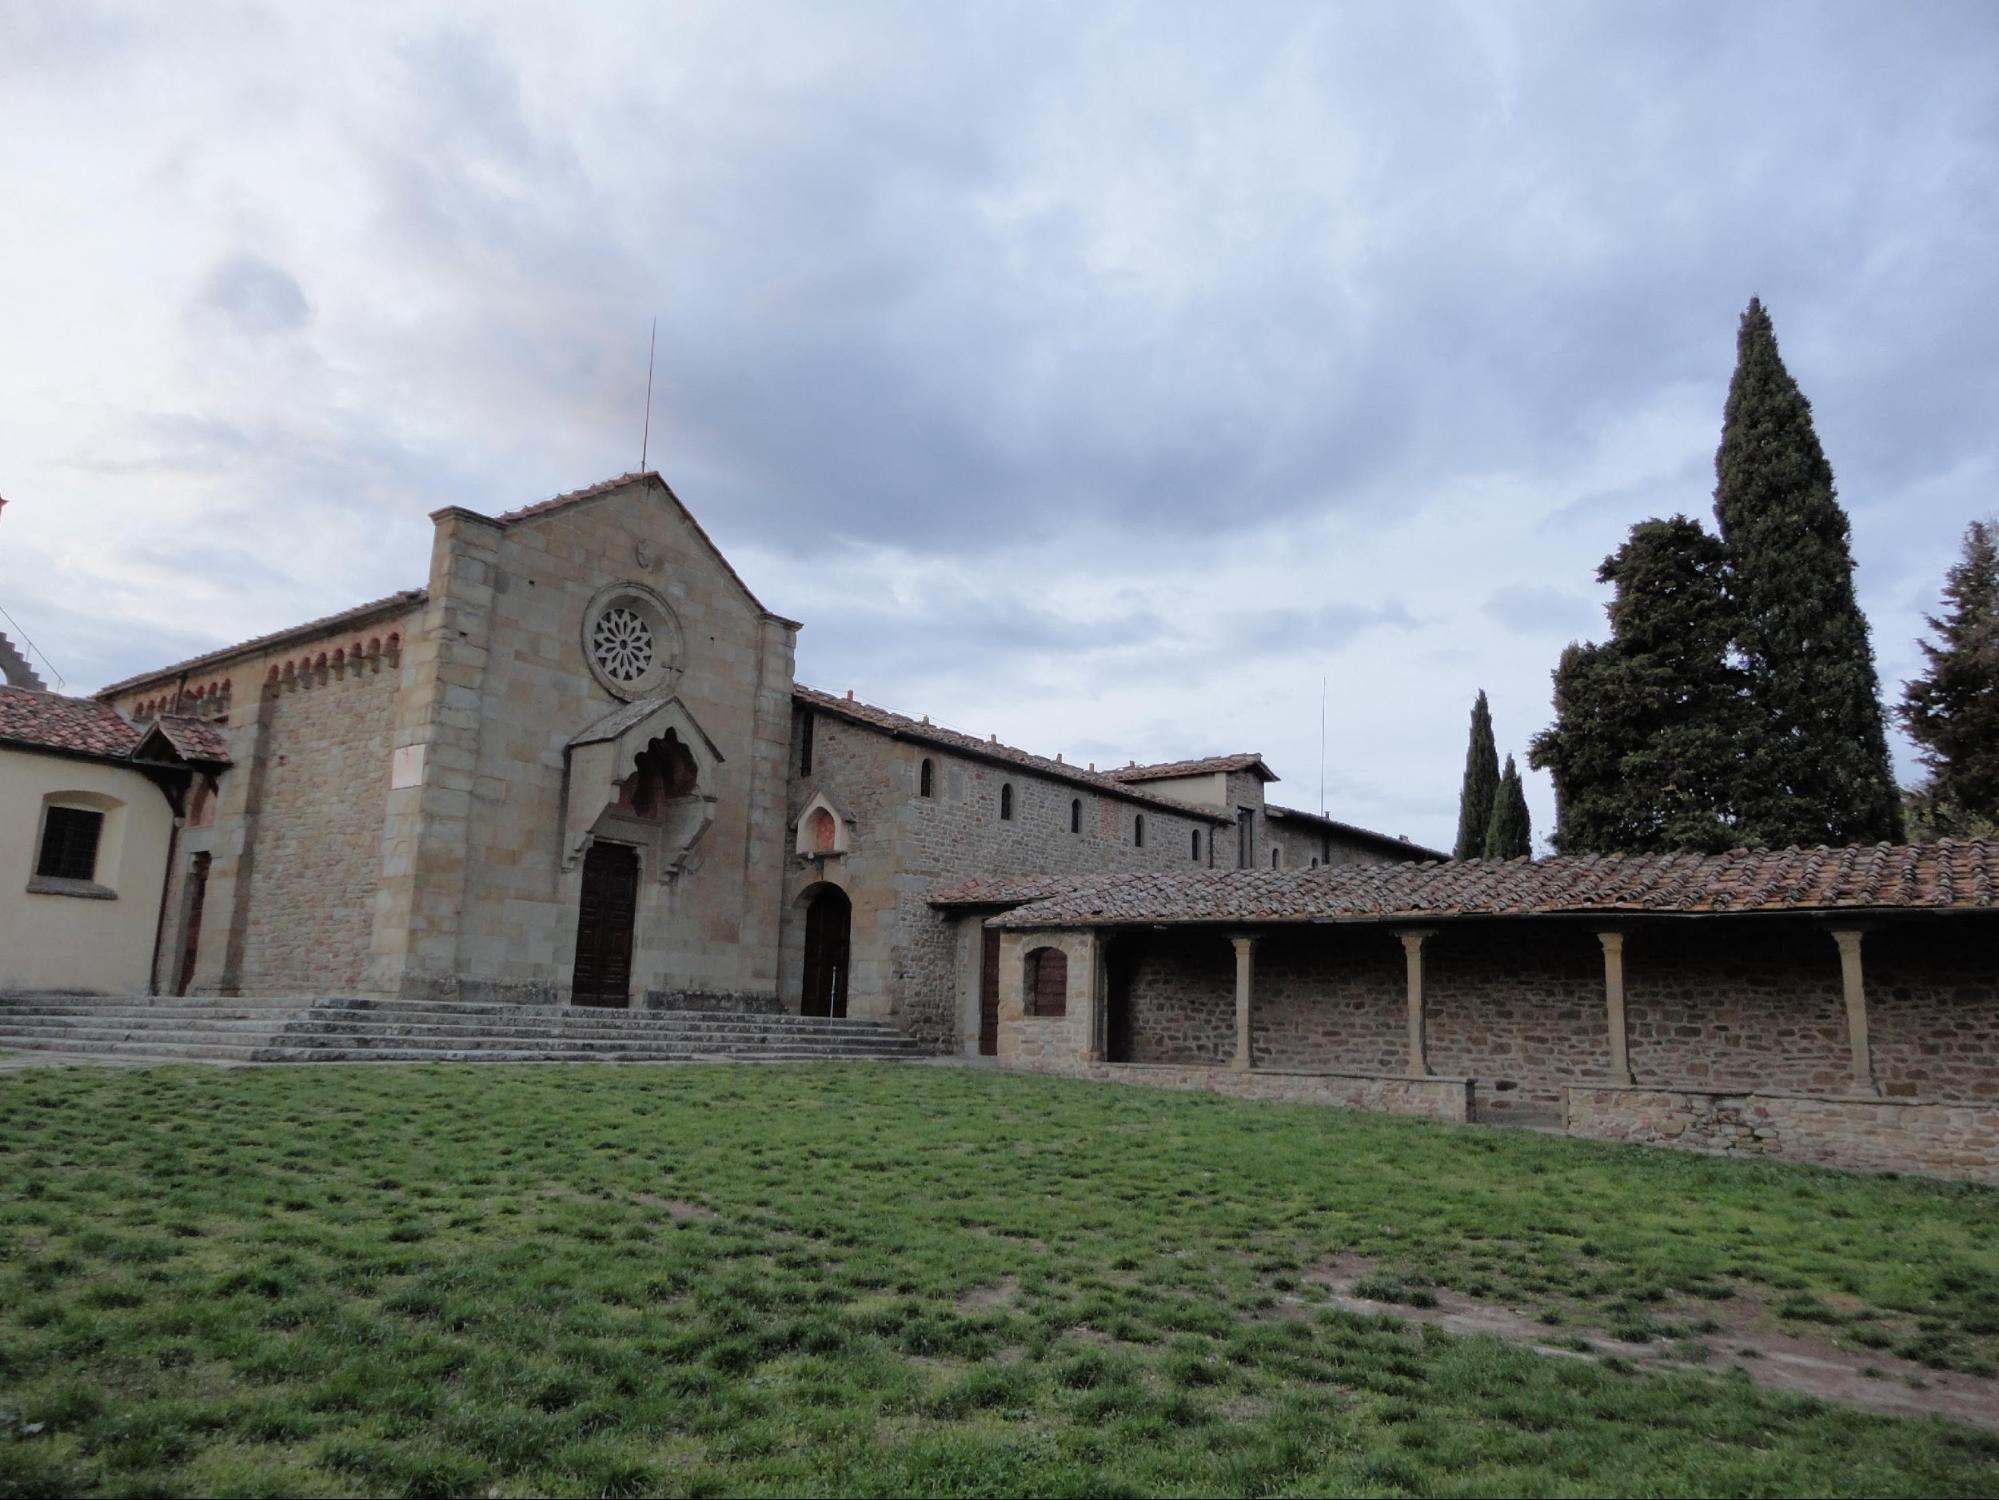 サン・フランチェスコ教会(筆者撮影)